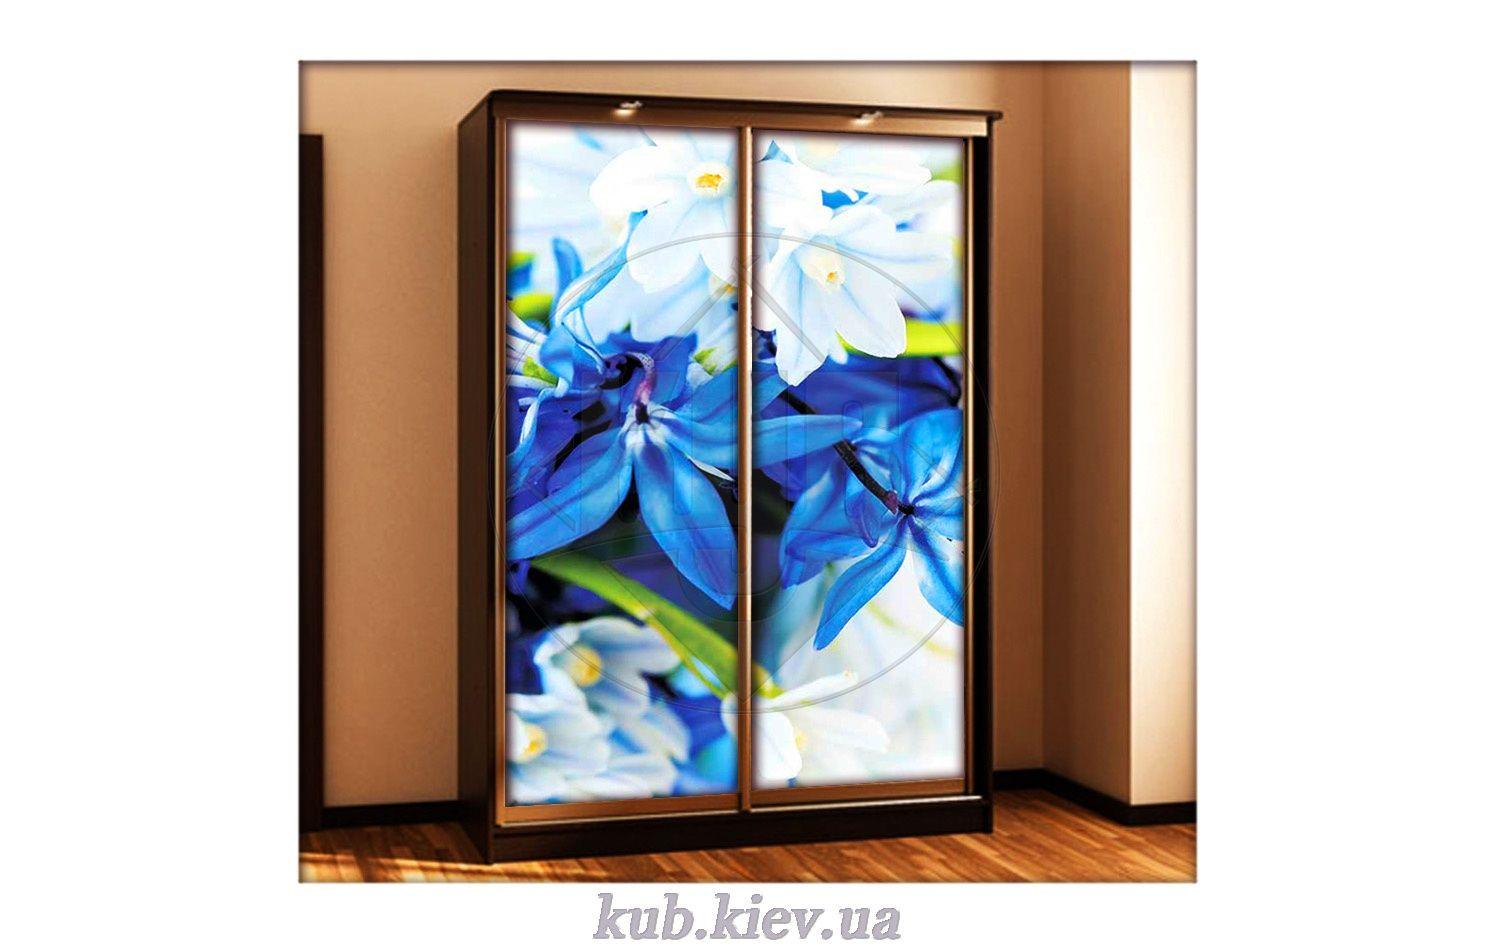 фотопечать для шкафа купе весенние нежно синие цветы мебель